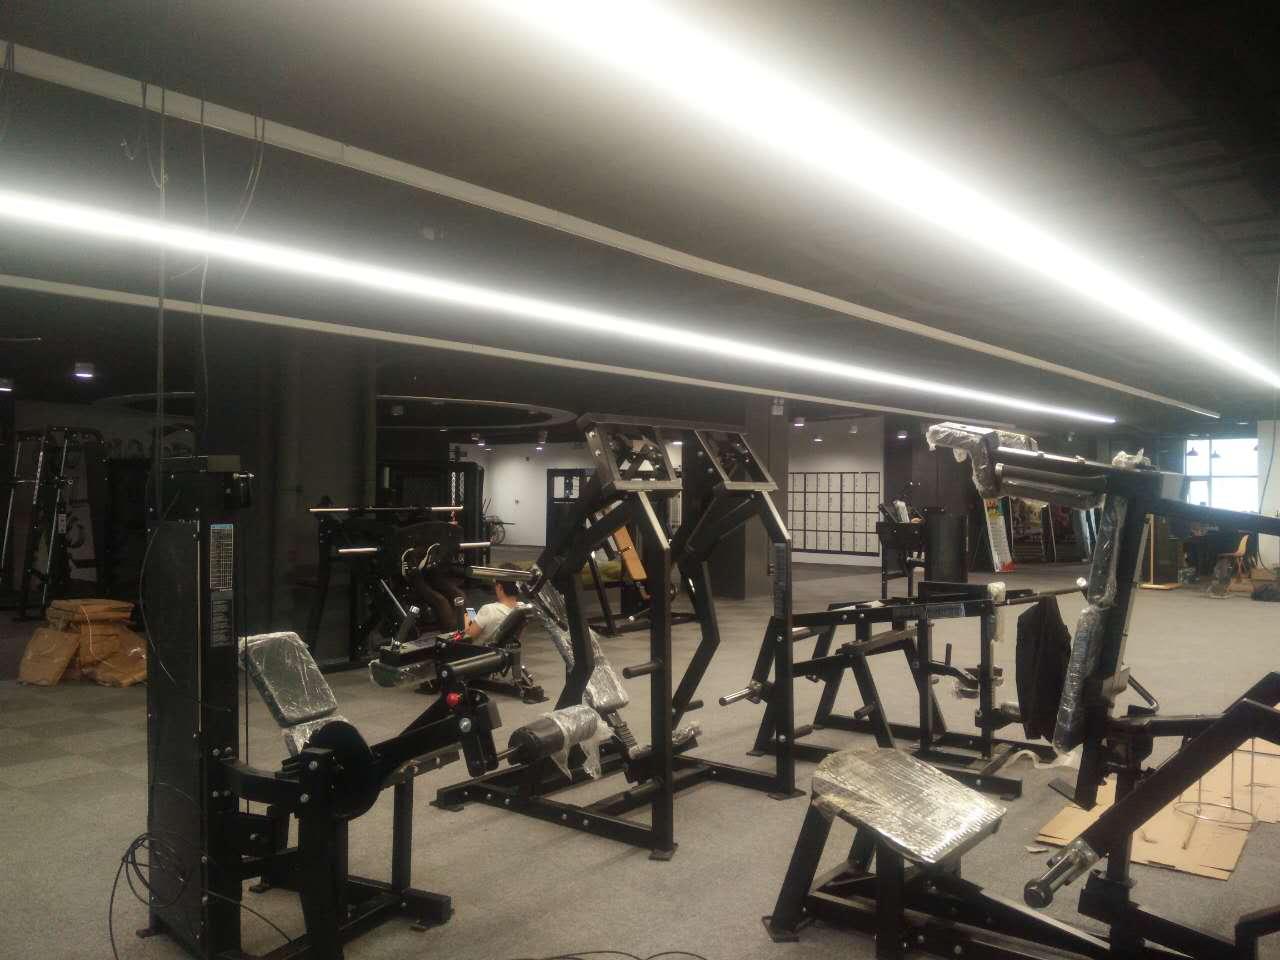 常见健身器材功能特性具体介绍,健身单车